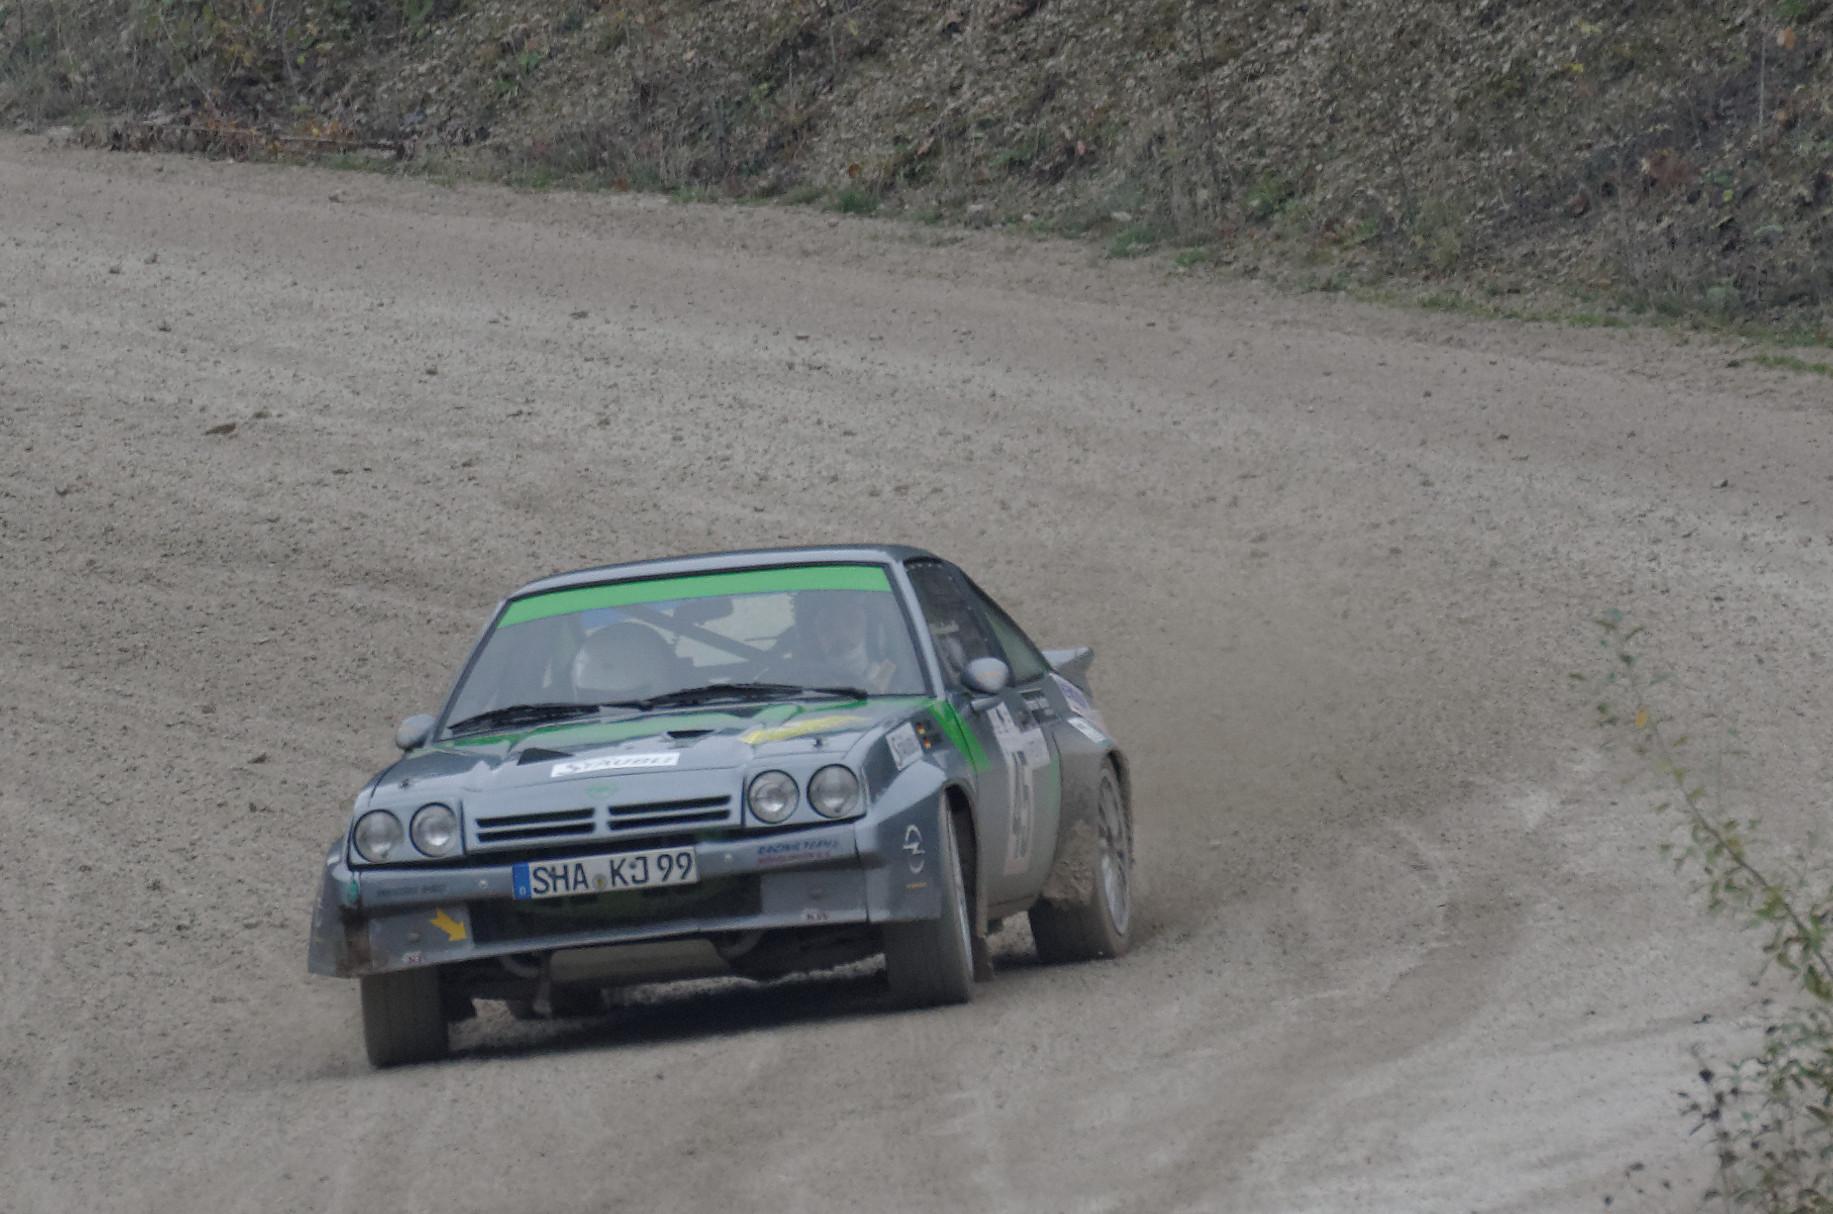 Rallye Fränkische Schweiz hollfeld 2015